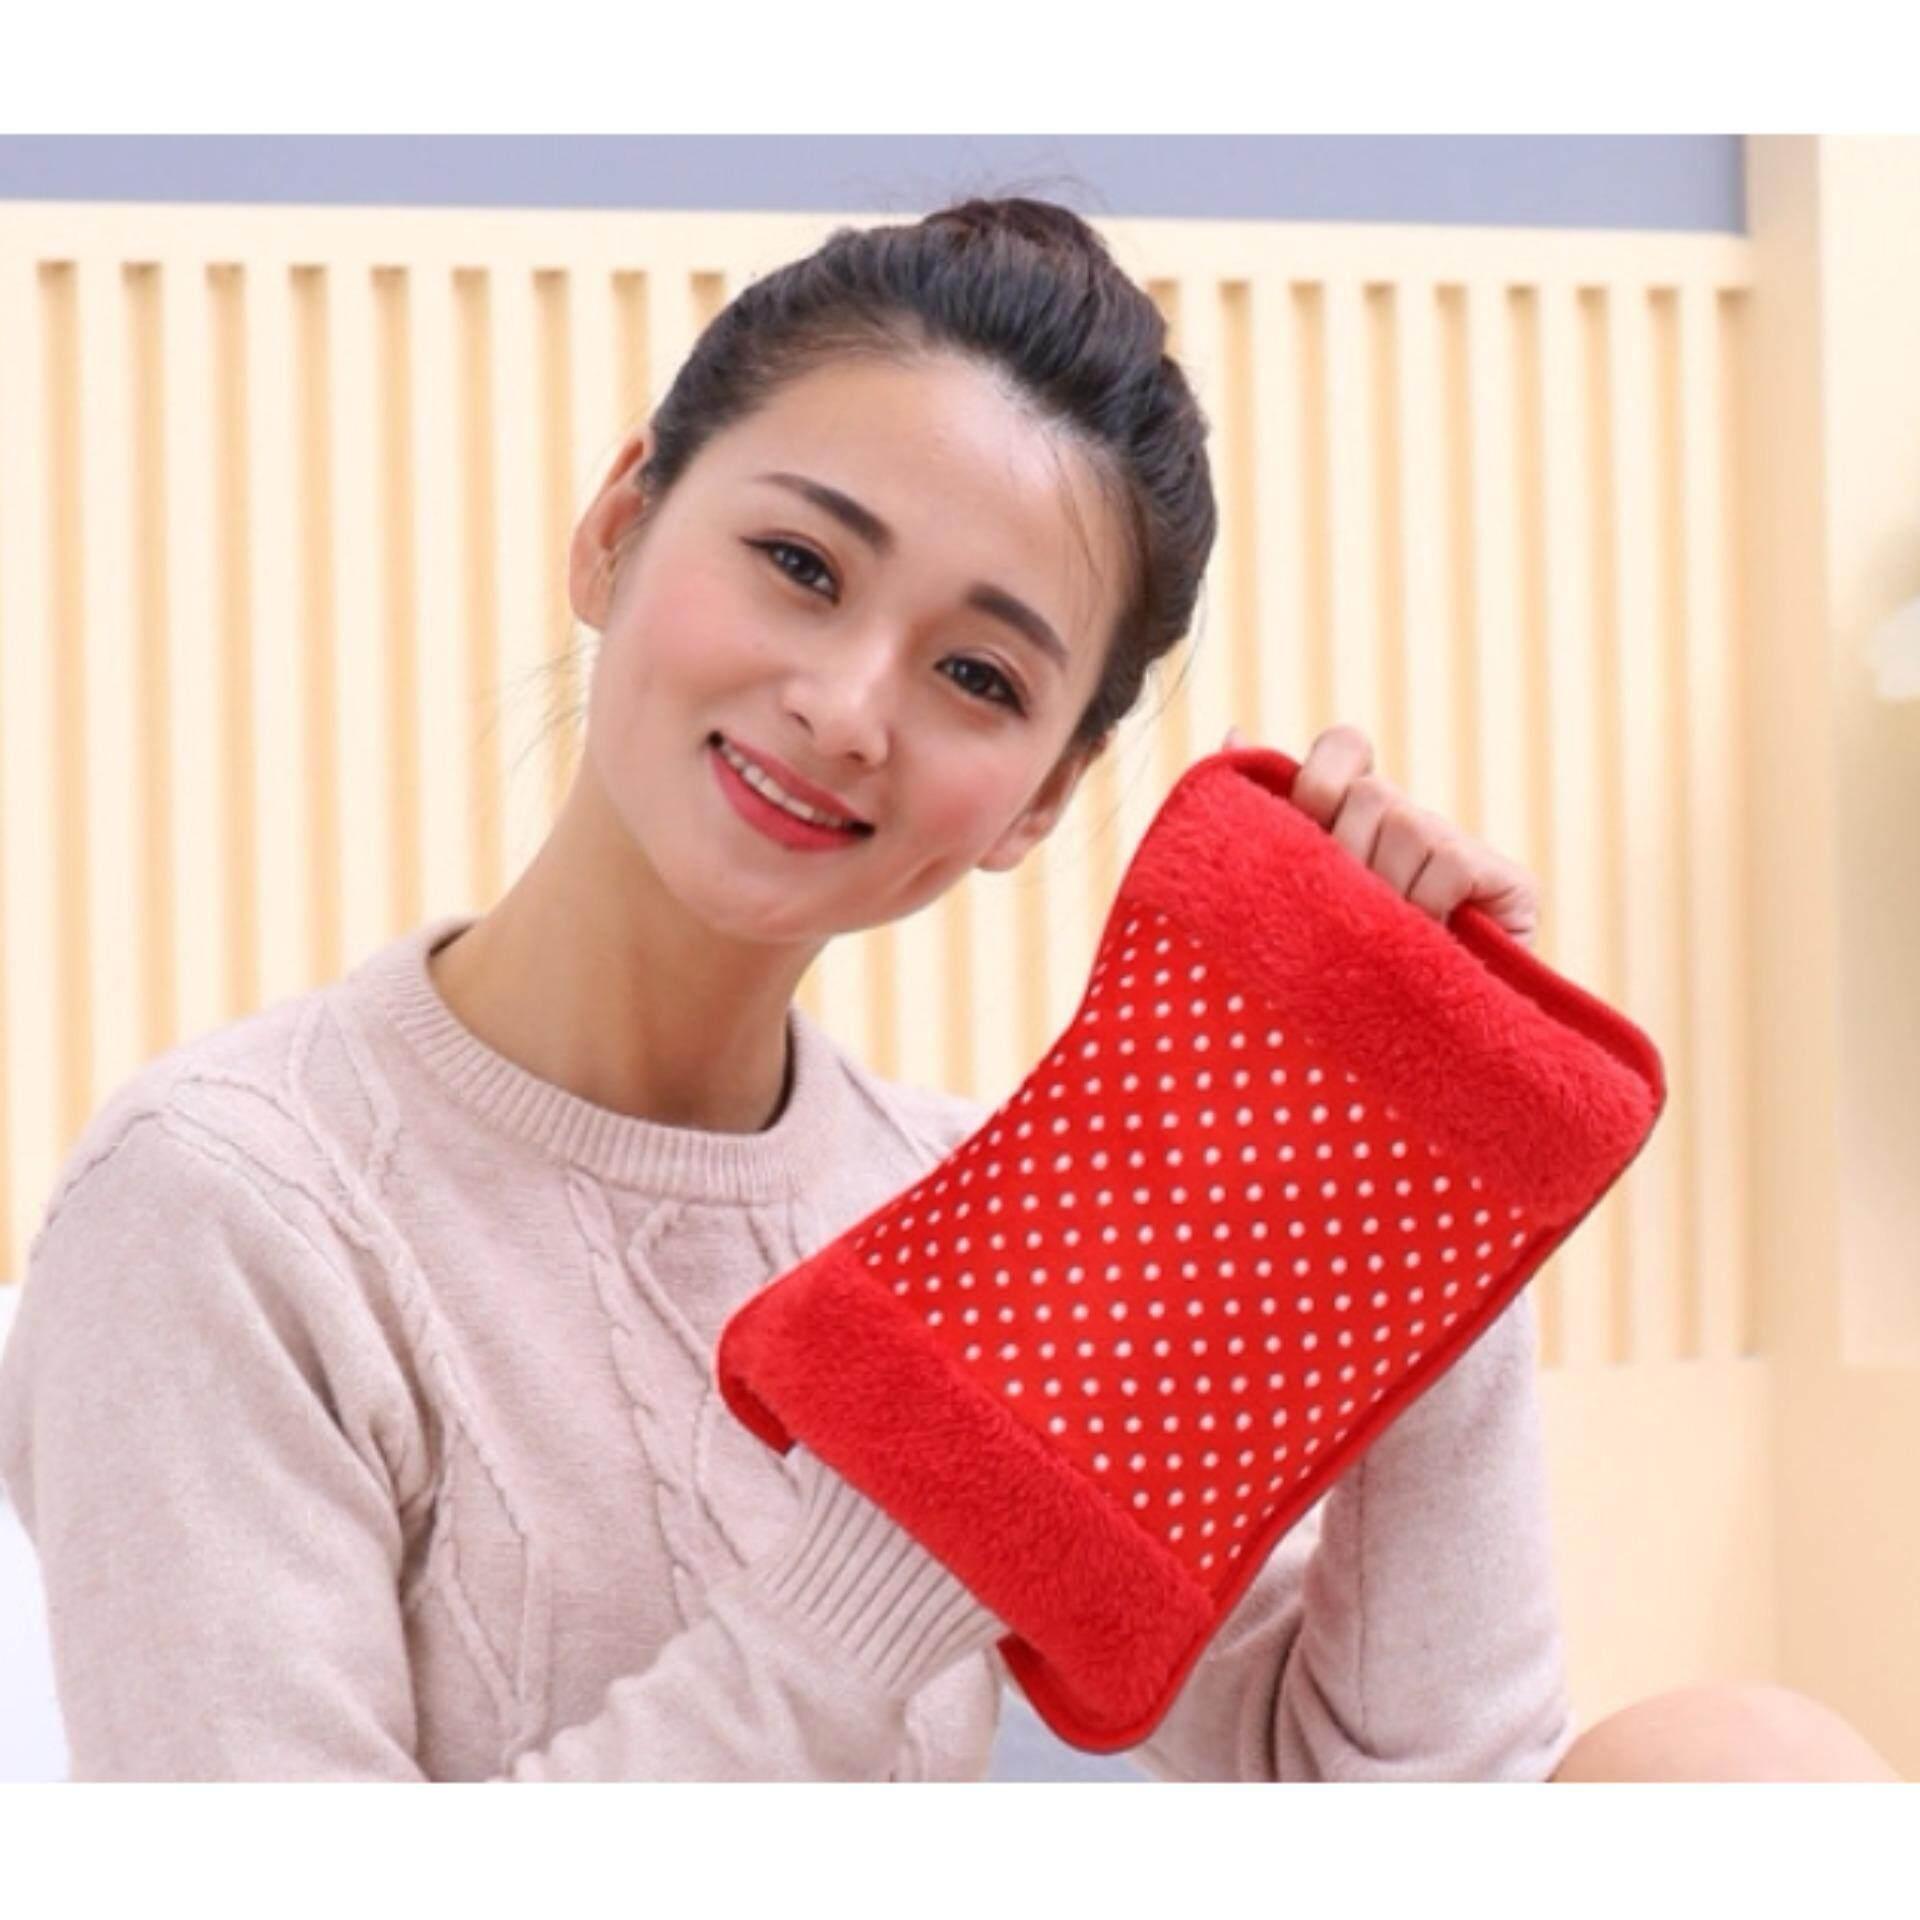 ราคา กระเป๋าน้ำร้อนไฟฟ้า Electric Heating Bag ร้อนเร็ว สะดวกในการใช้งาน สีแดง กรุงเทพมหานคร